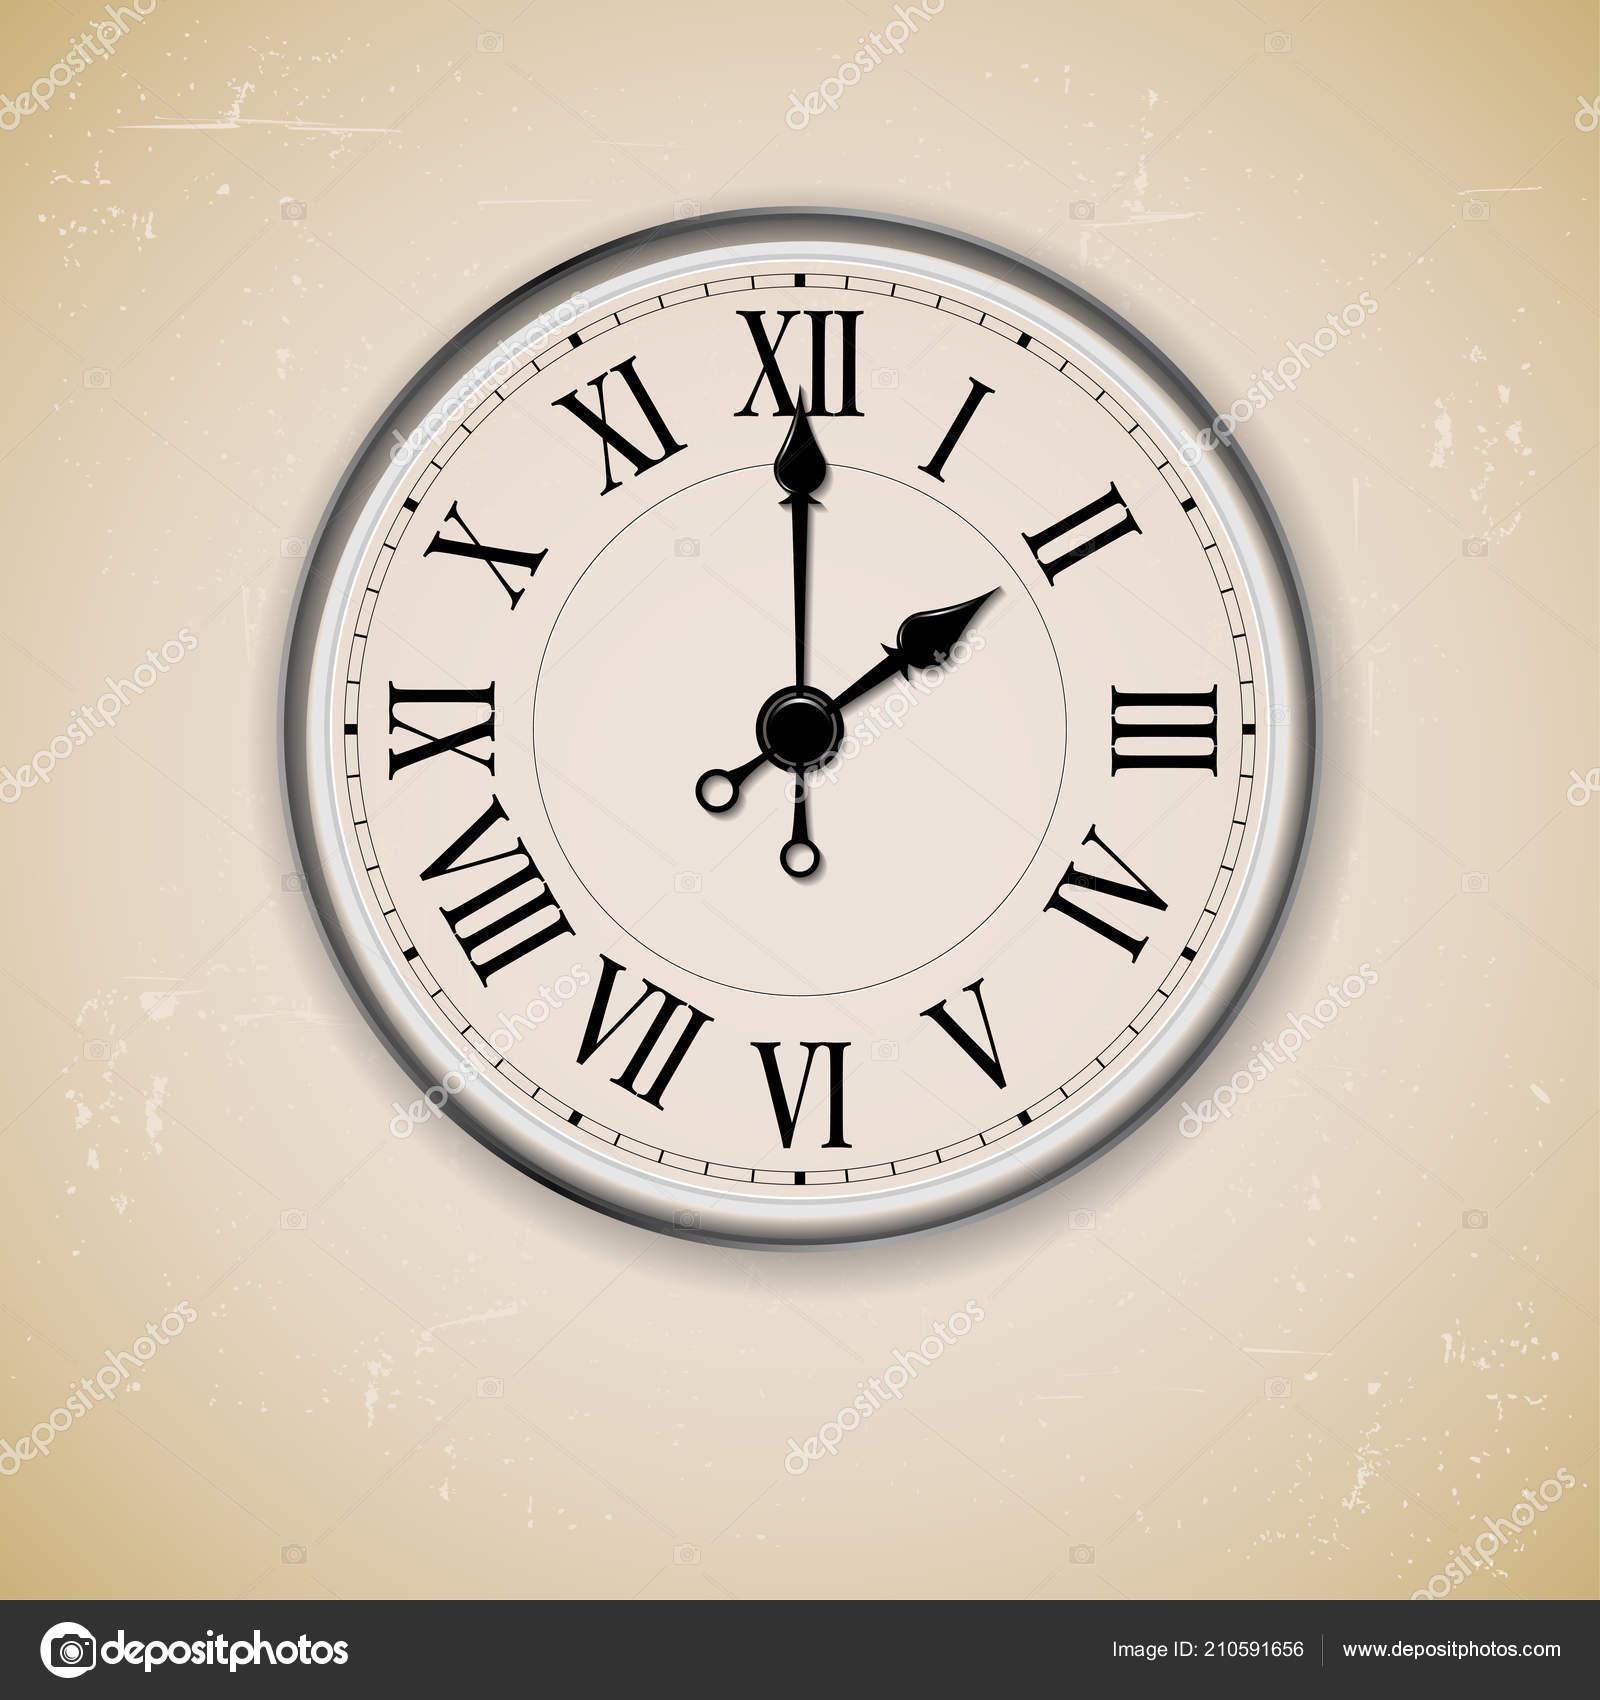 11432c97f7b Relógio Parede Antigo Velho Sobre Fundo Negro Ilustração Vetorial — Vetor  de Stock